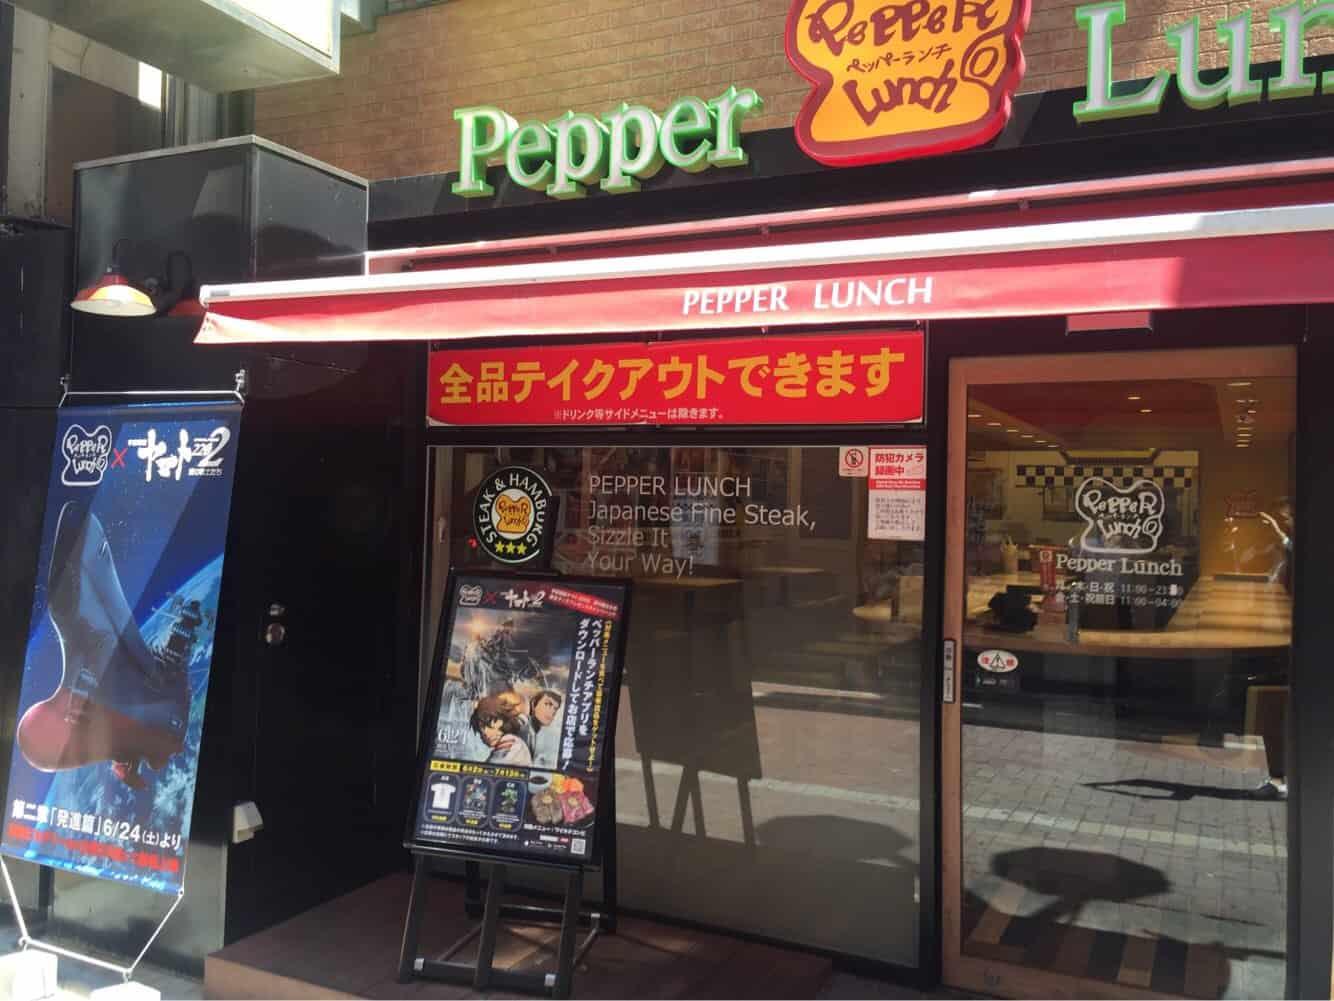 เปปเปอร์ ลันช์ (Pepper Lunch) สาขาในญี่ปุ่น